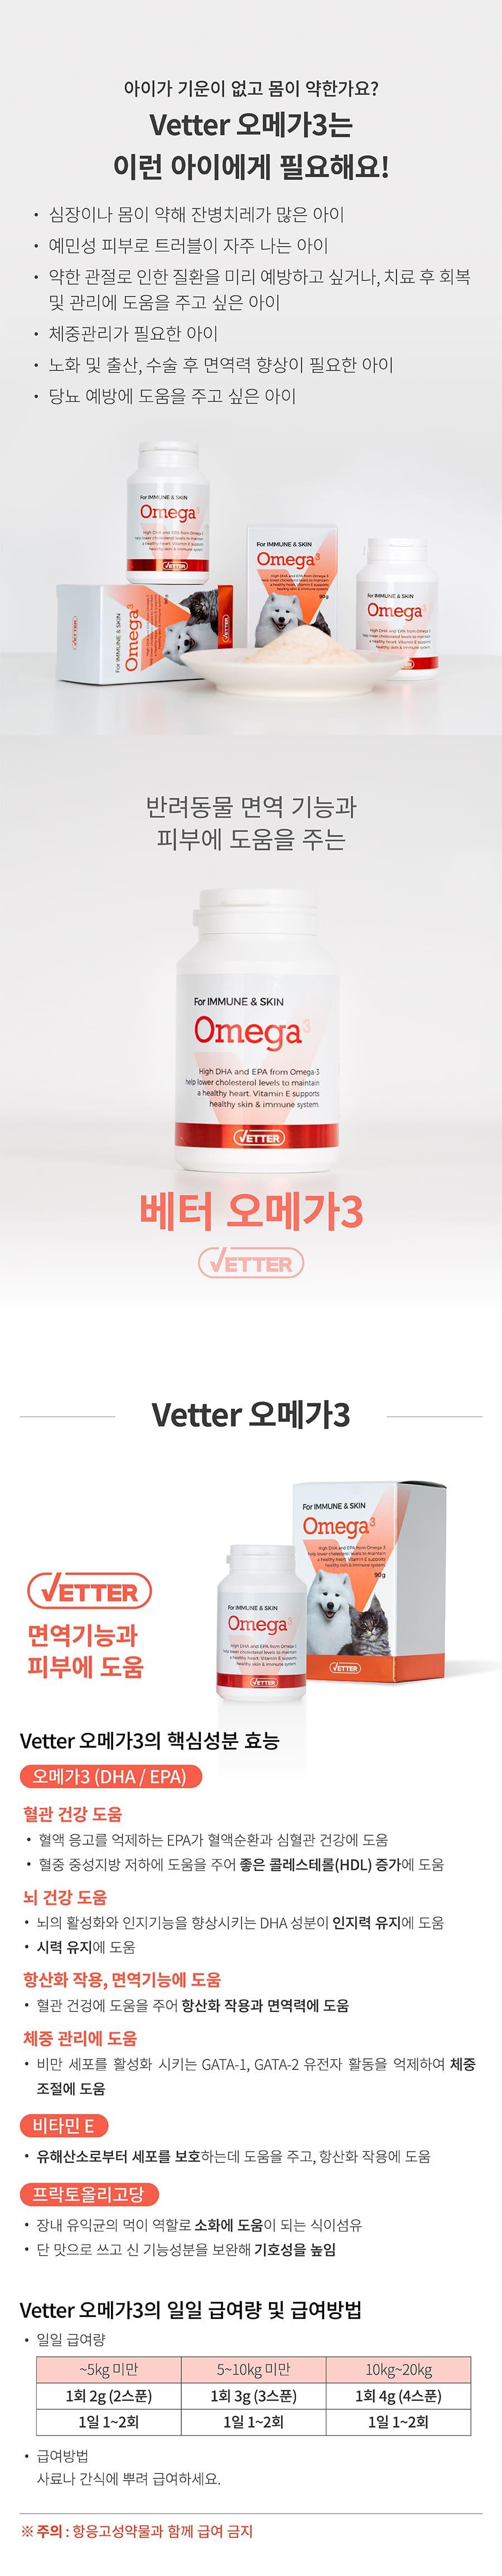 Vetter 댕냥이 영양 파우더 11종 (관절/피부/안정/눈/장/소화)-상품이미지-21